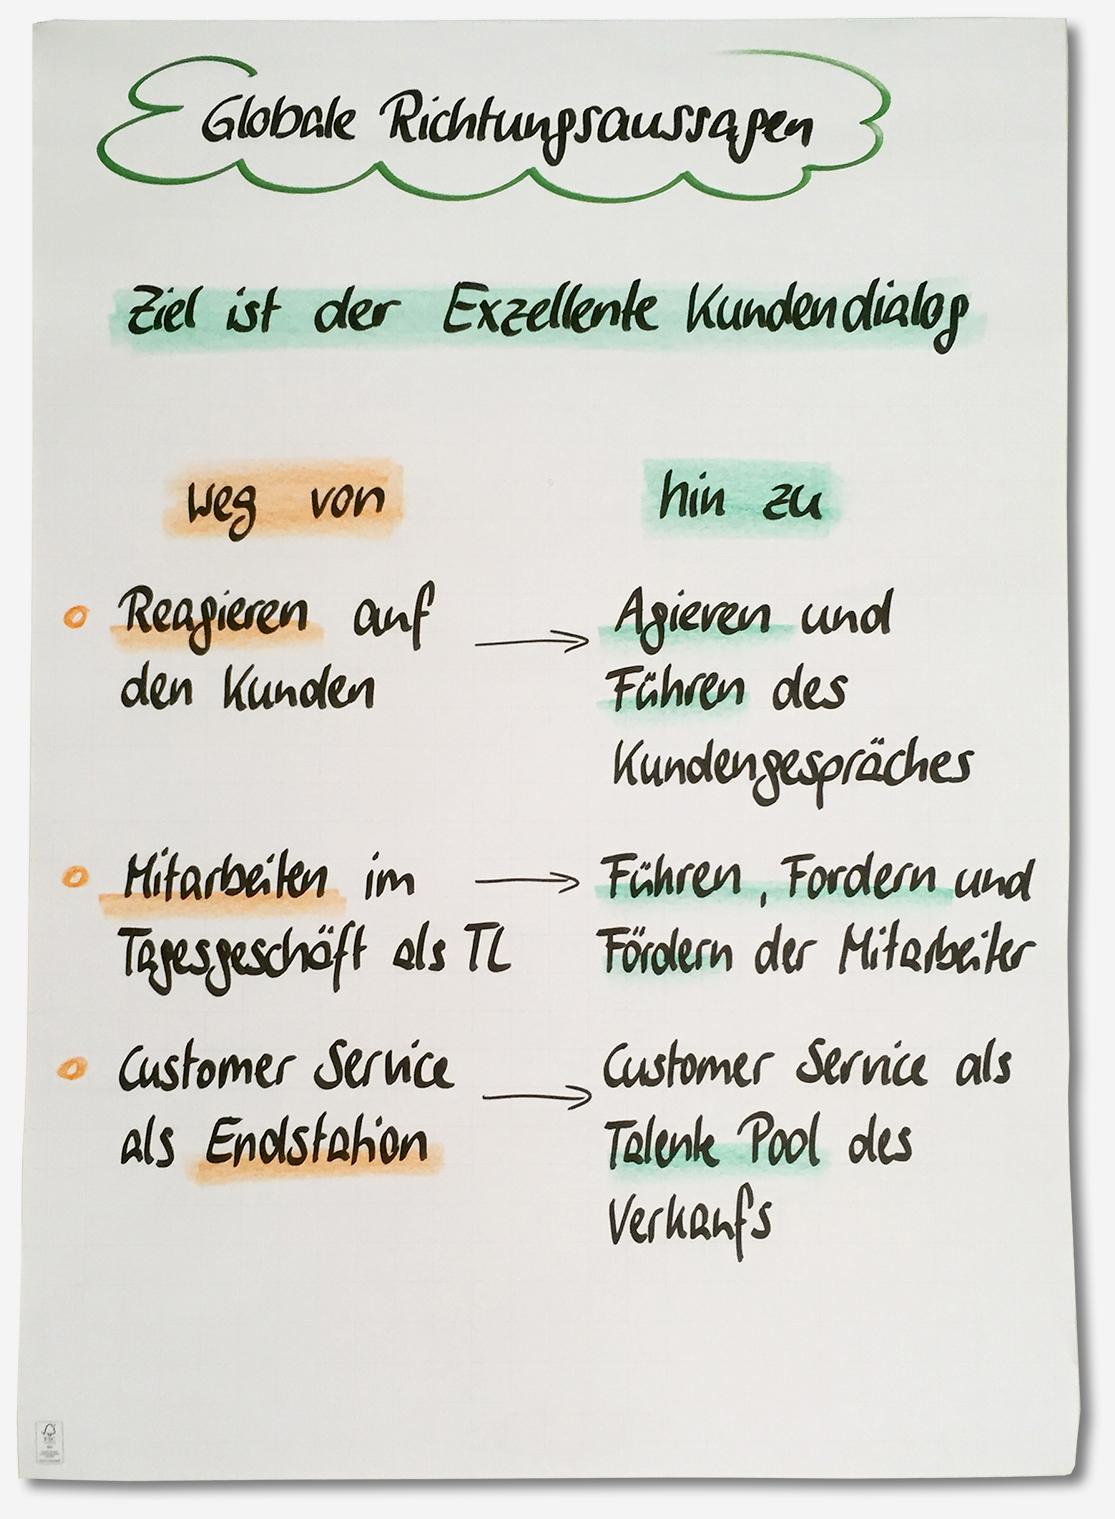 """Chart """"Globale Richtungsaussagen"""""""